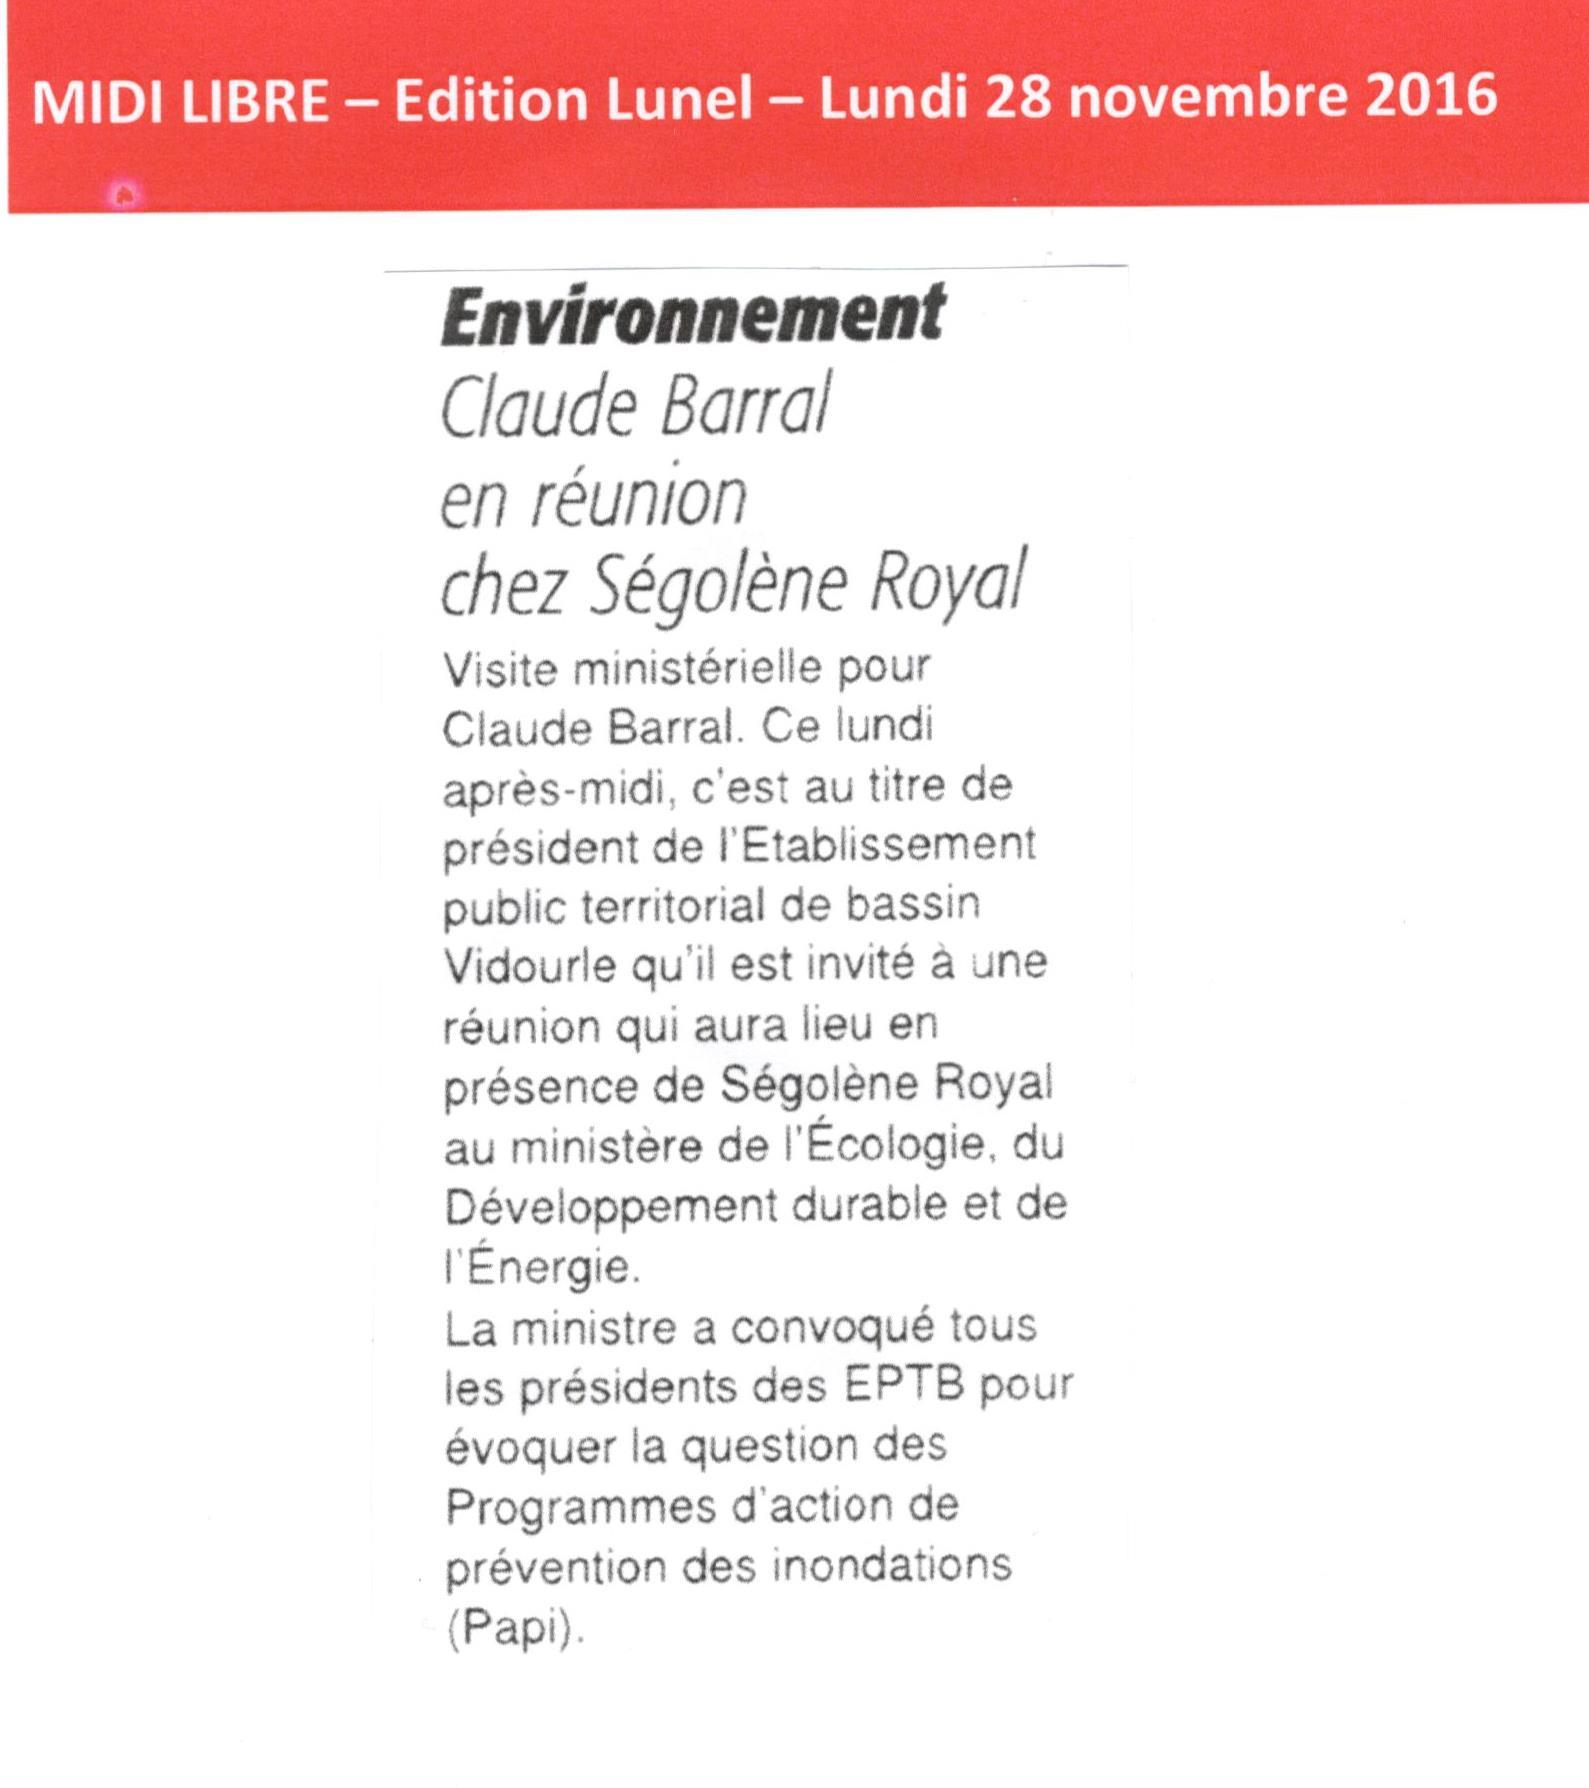 Claude BARRAL en réunion chez Ségolène ROYAL